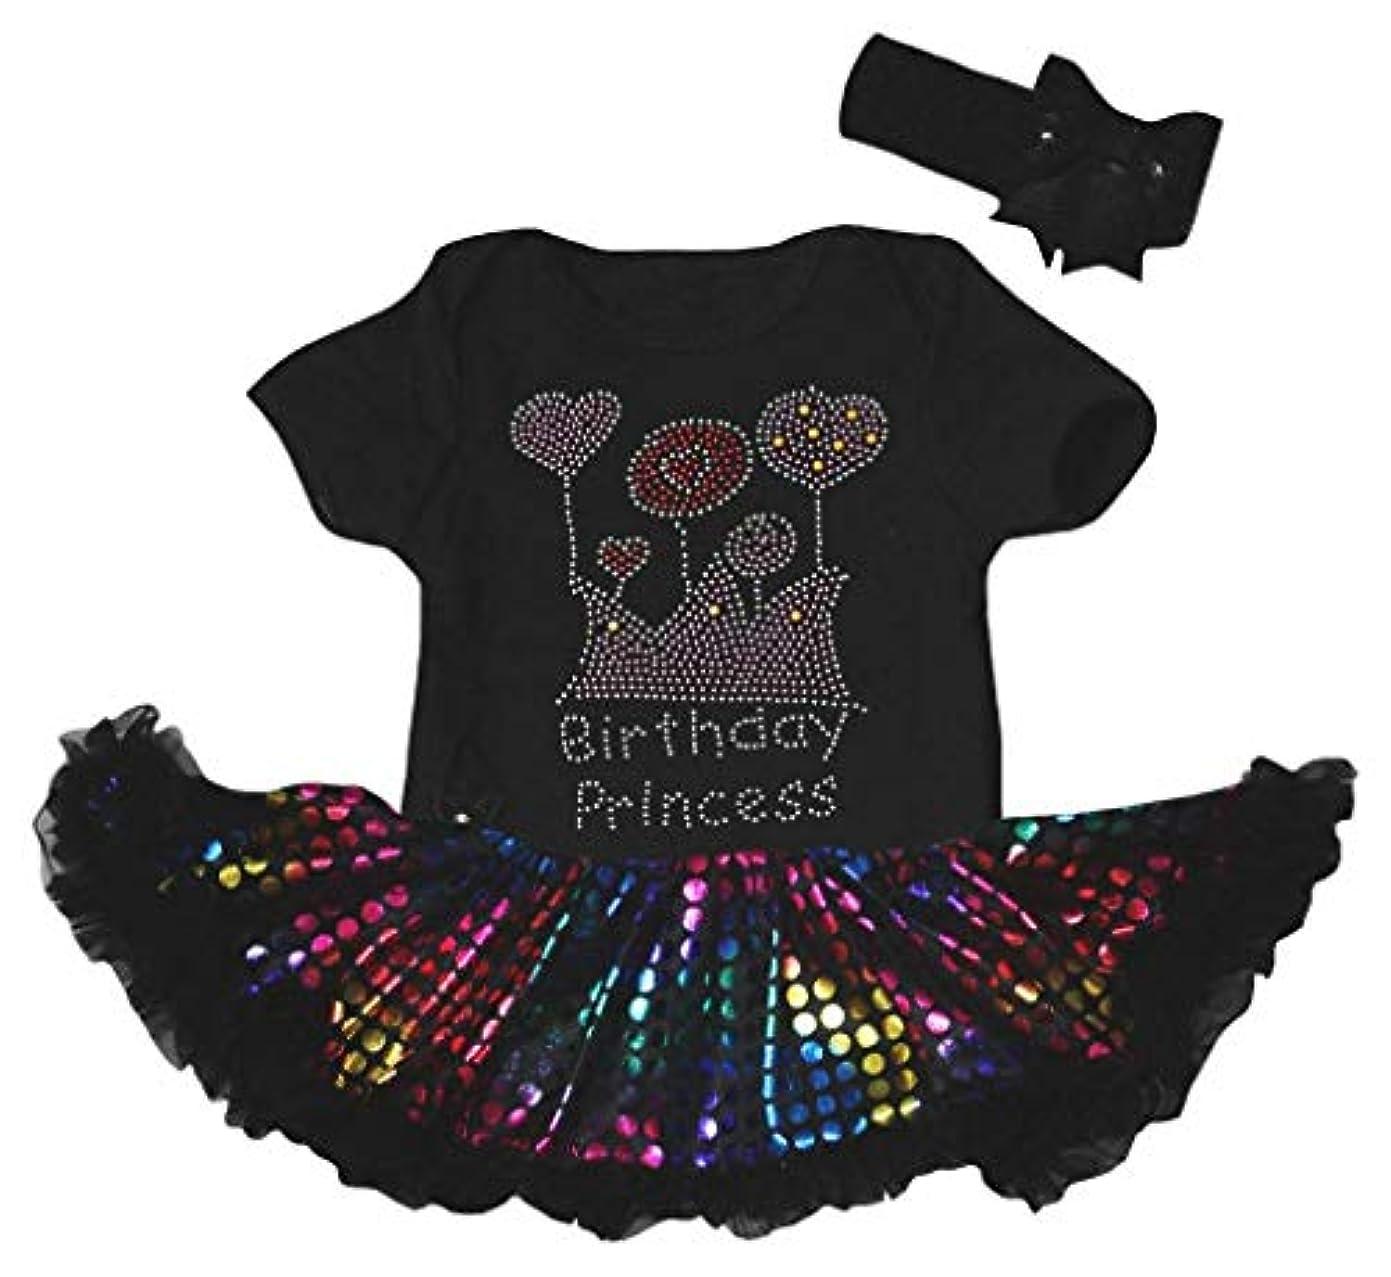 電報禁輸花嫁[キッズコーナー] Birthday Princess ブラック ボディスーツ レインボー ドット 子供のチュチ、コスチューム、子供のチュチュ、ベビー服、女の子のワンピースドレス Nb-18m (ブラック, Large) [並行輸入品]